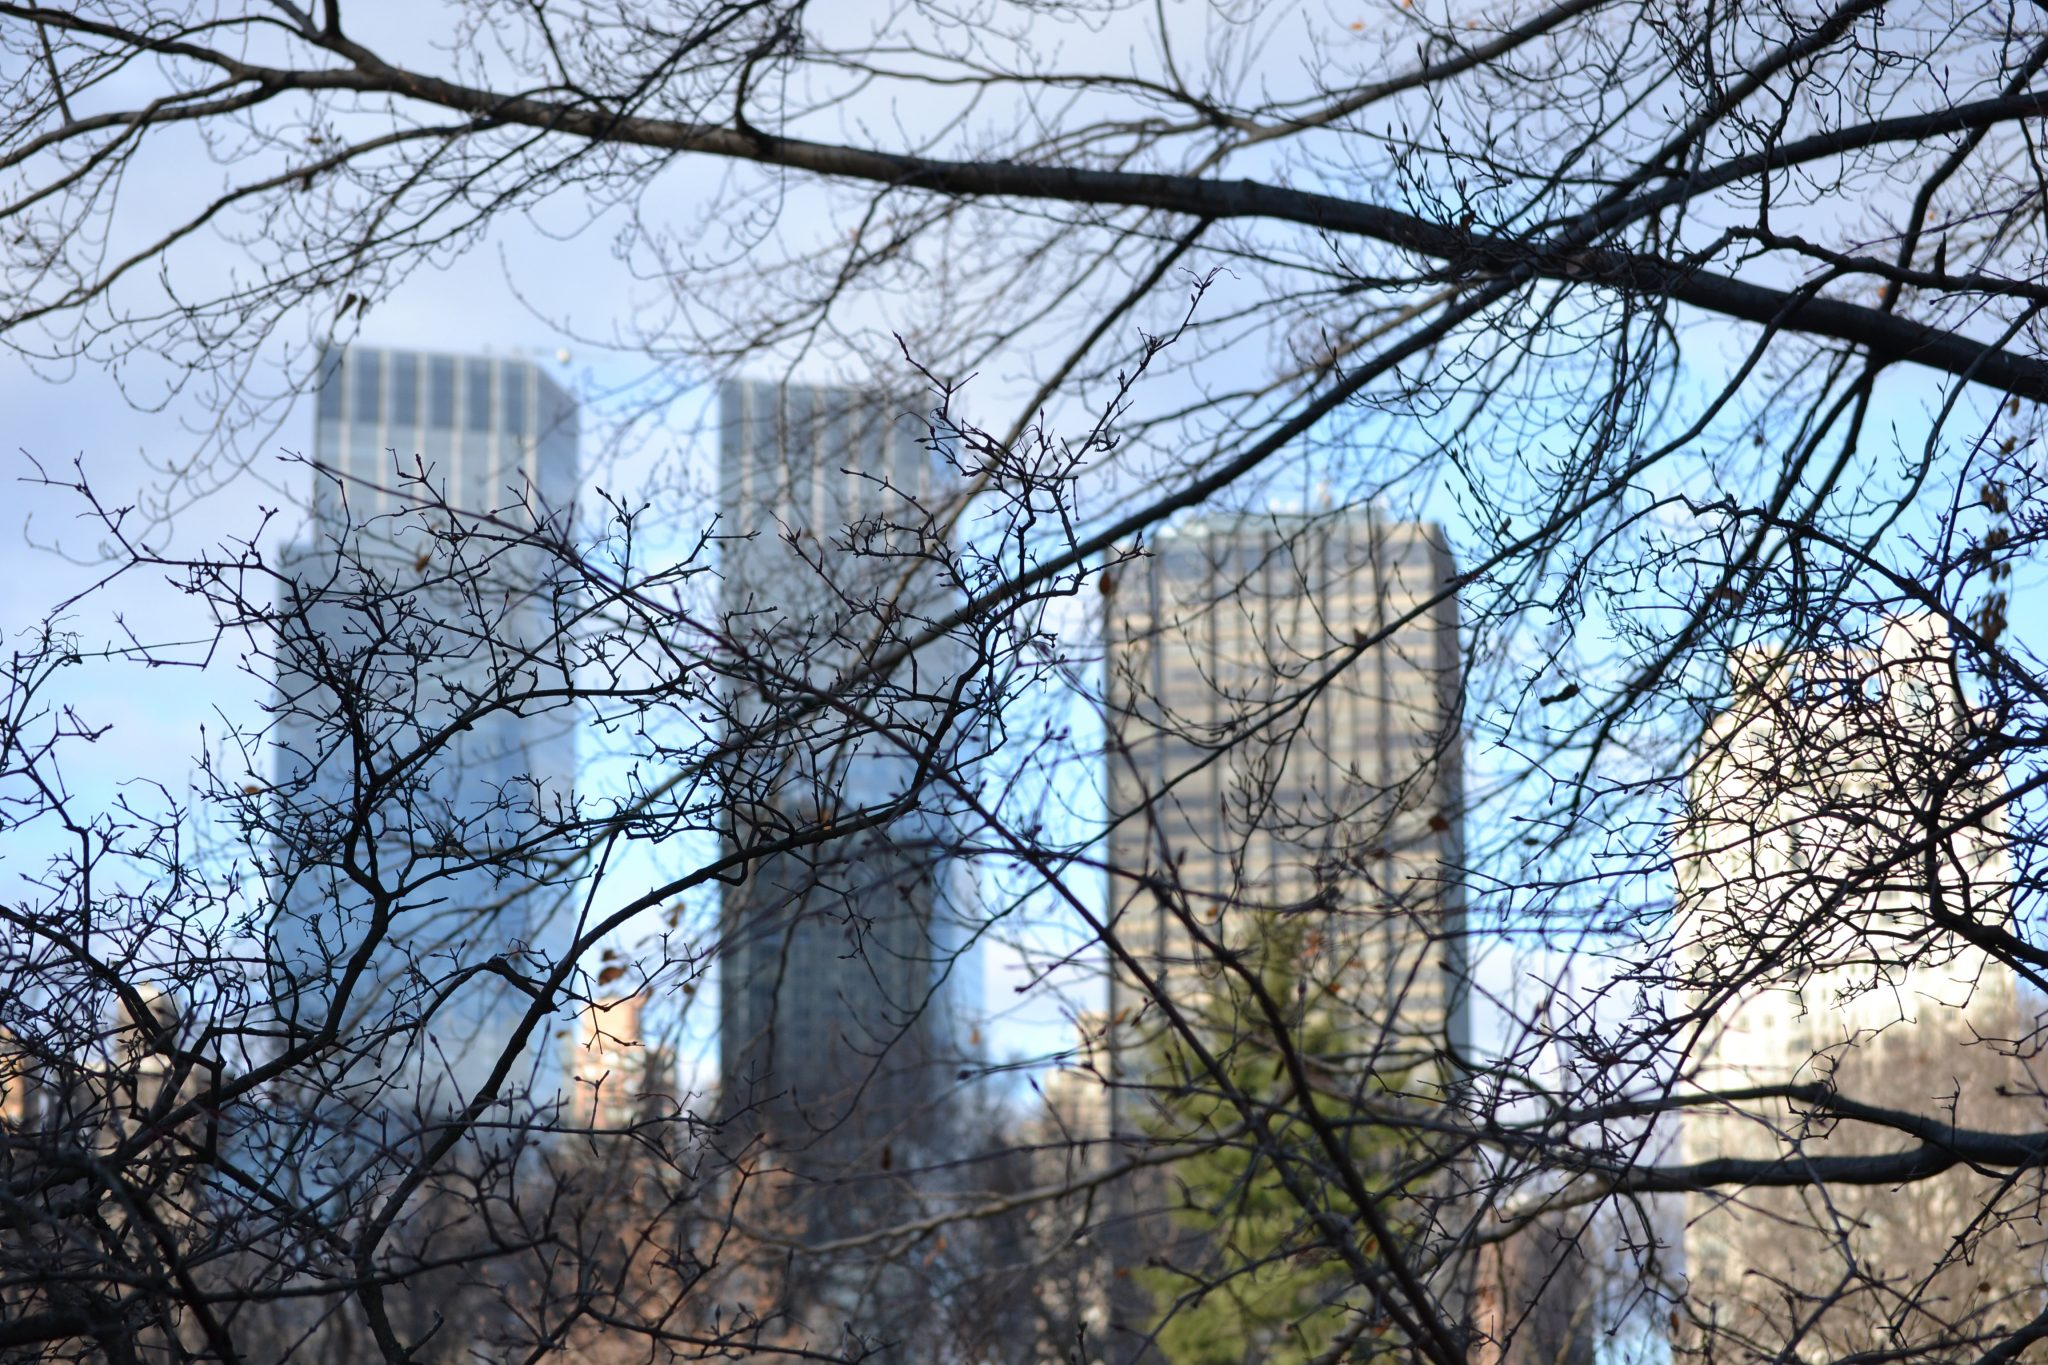 New York Part 1: Central Park & Metropolitan Museum of Art - DSC 00601